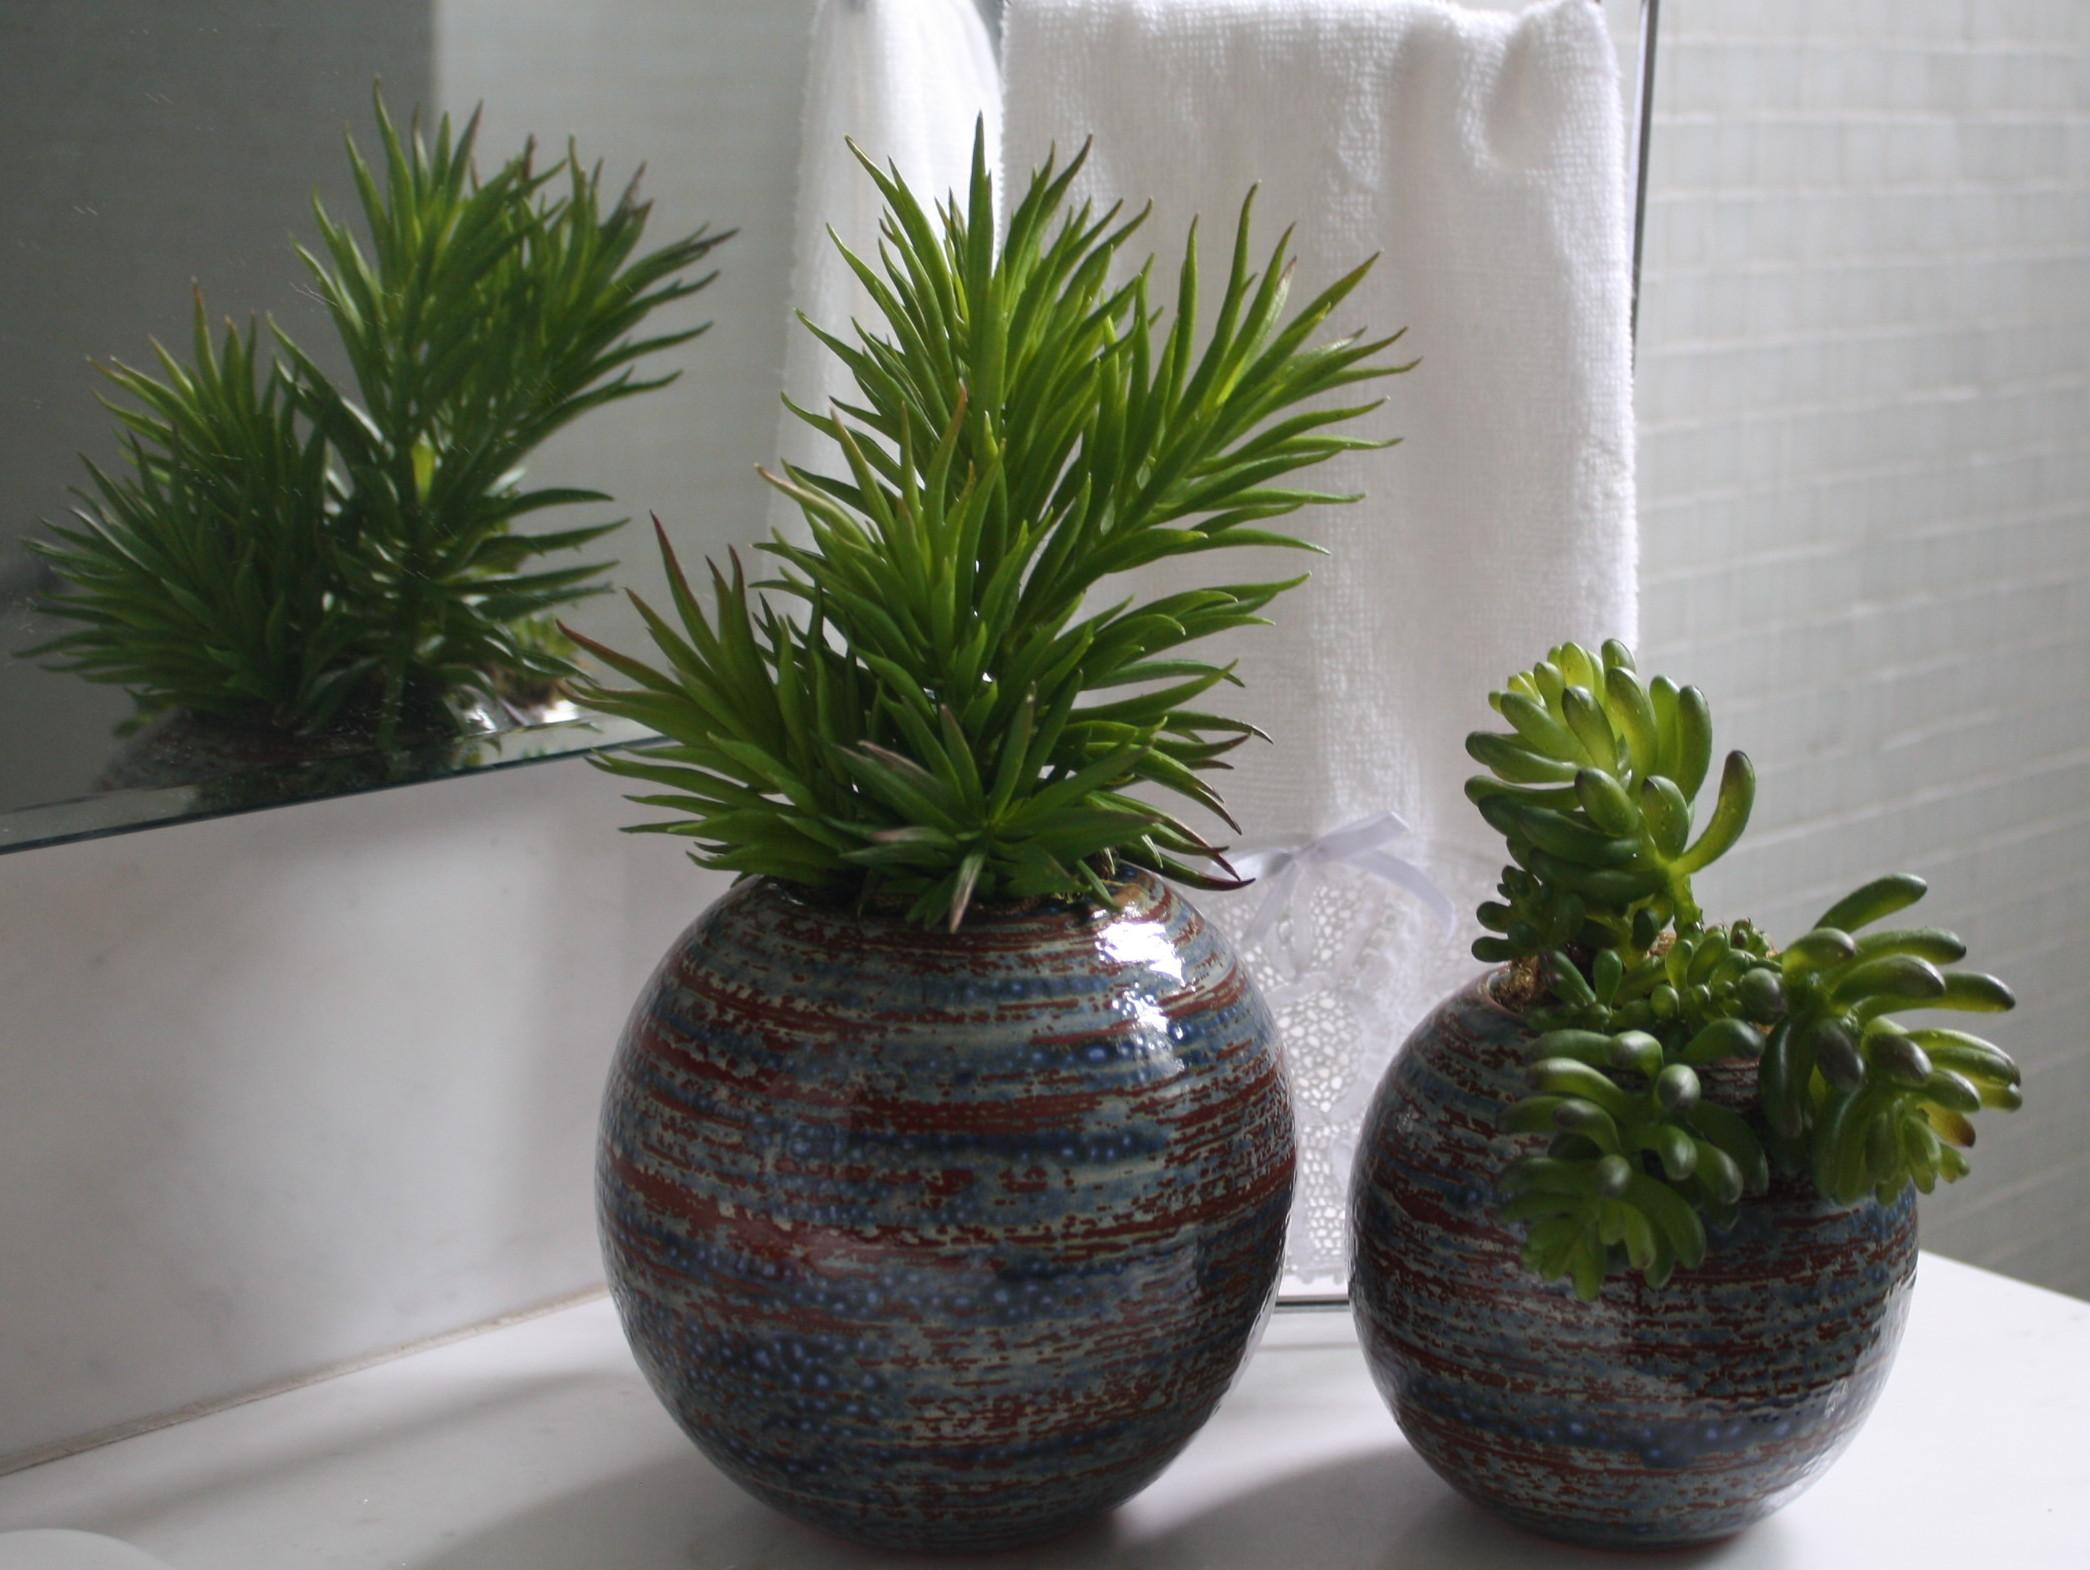 frete gratis duo de suculentas risk flores artificiais frete gratis #4C5A2E 2090x1570 Balança Para Banheiro Frete Gratis